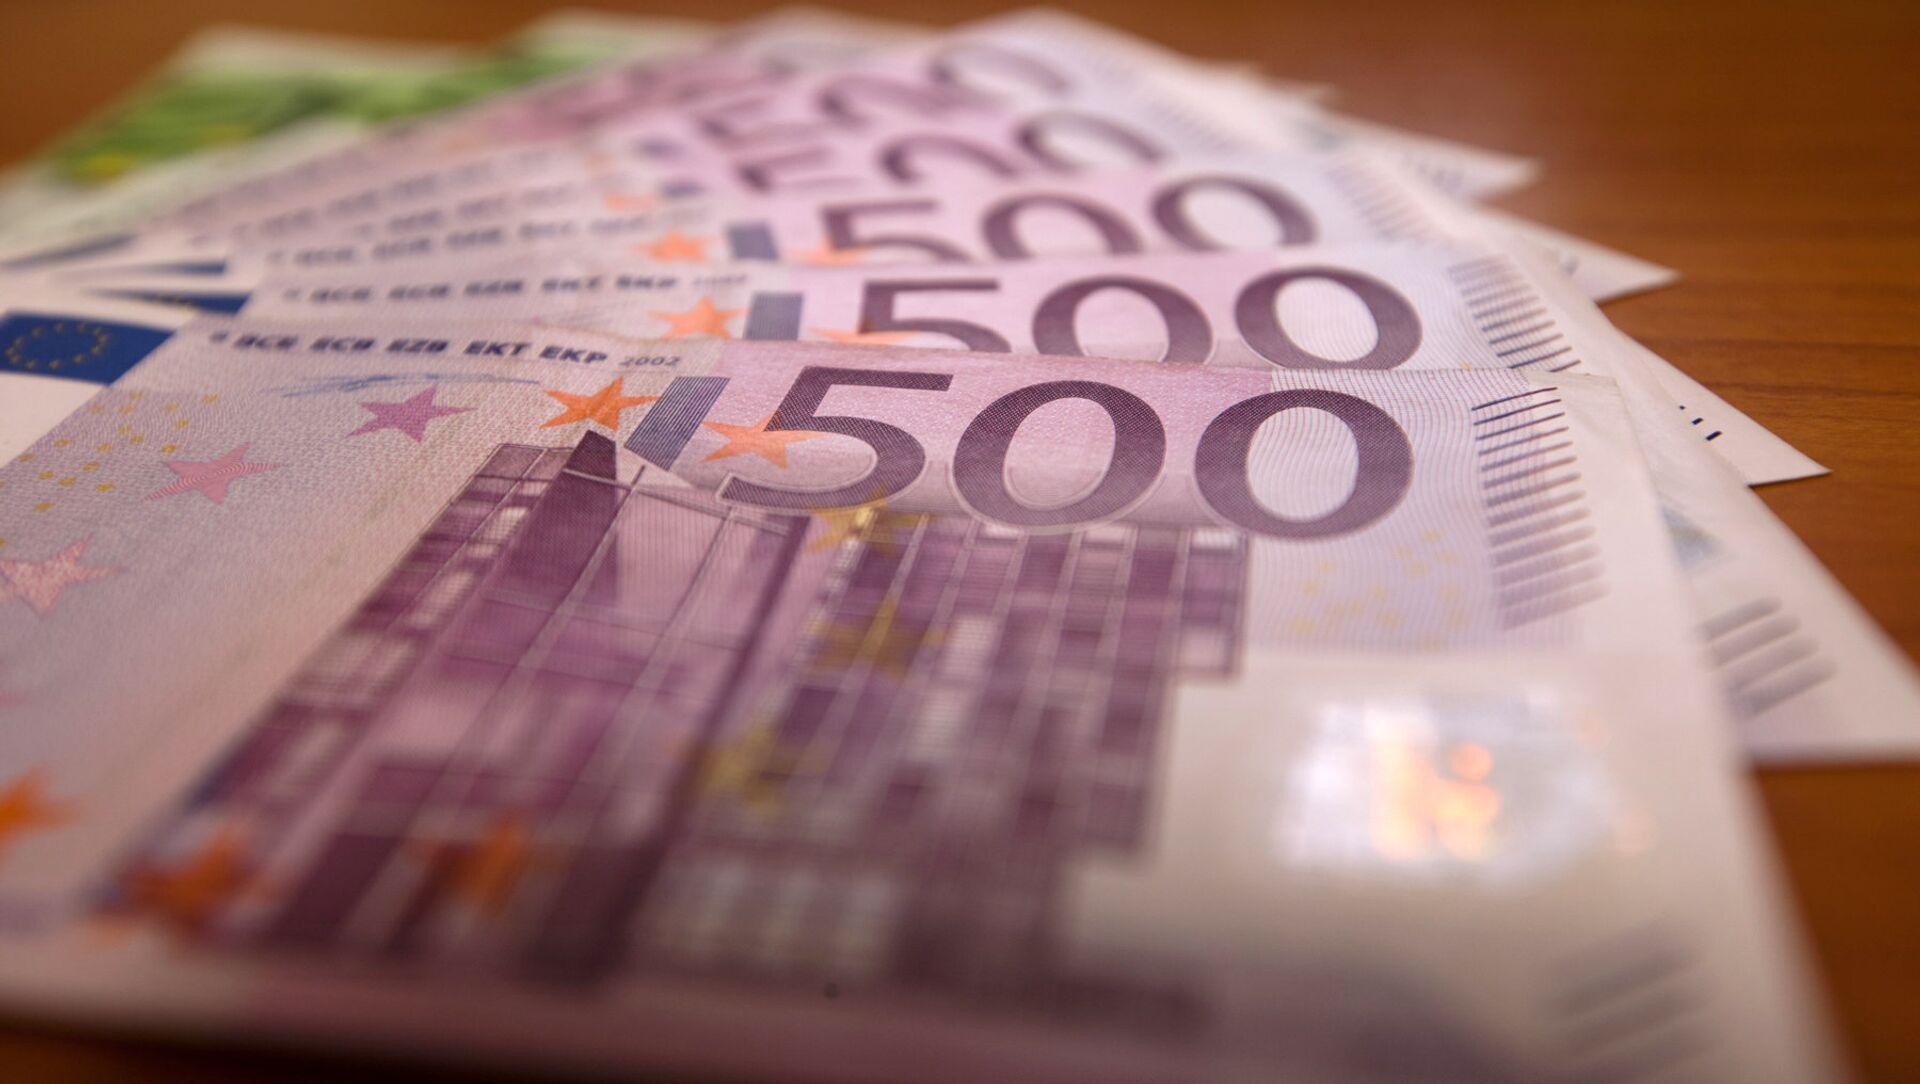 Евро. деньги - Sputnik Грузия, 1920, 07.06.2021